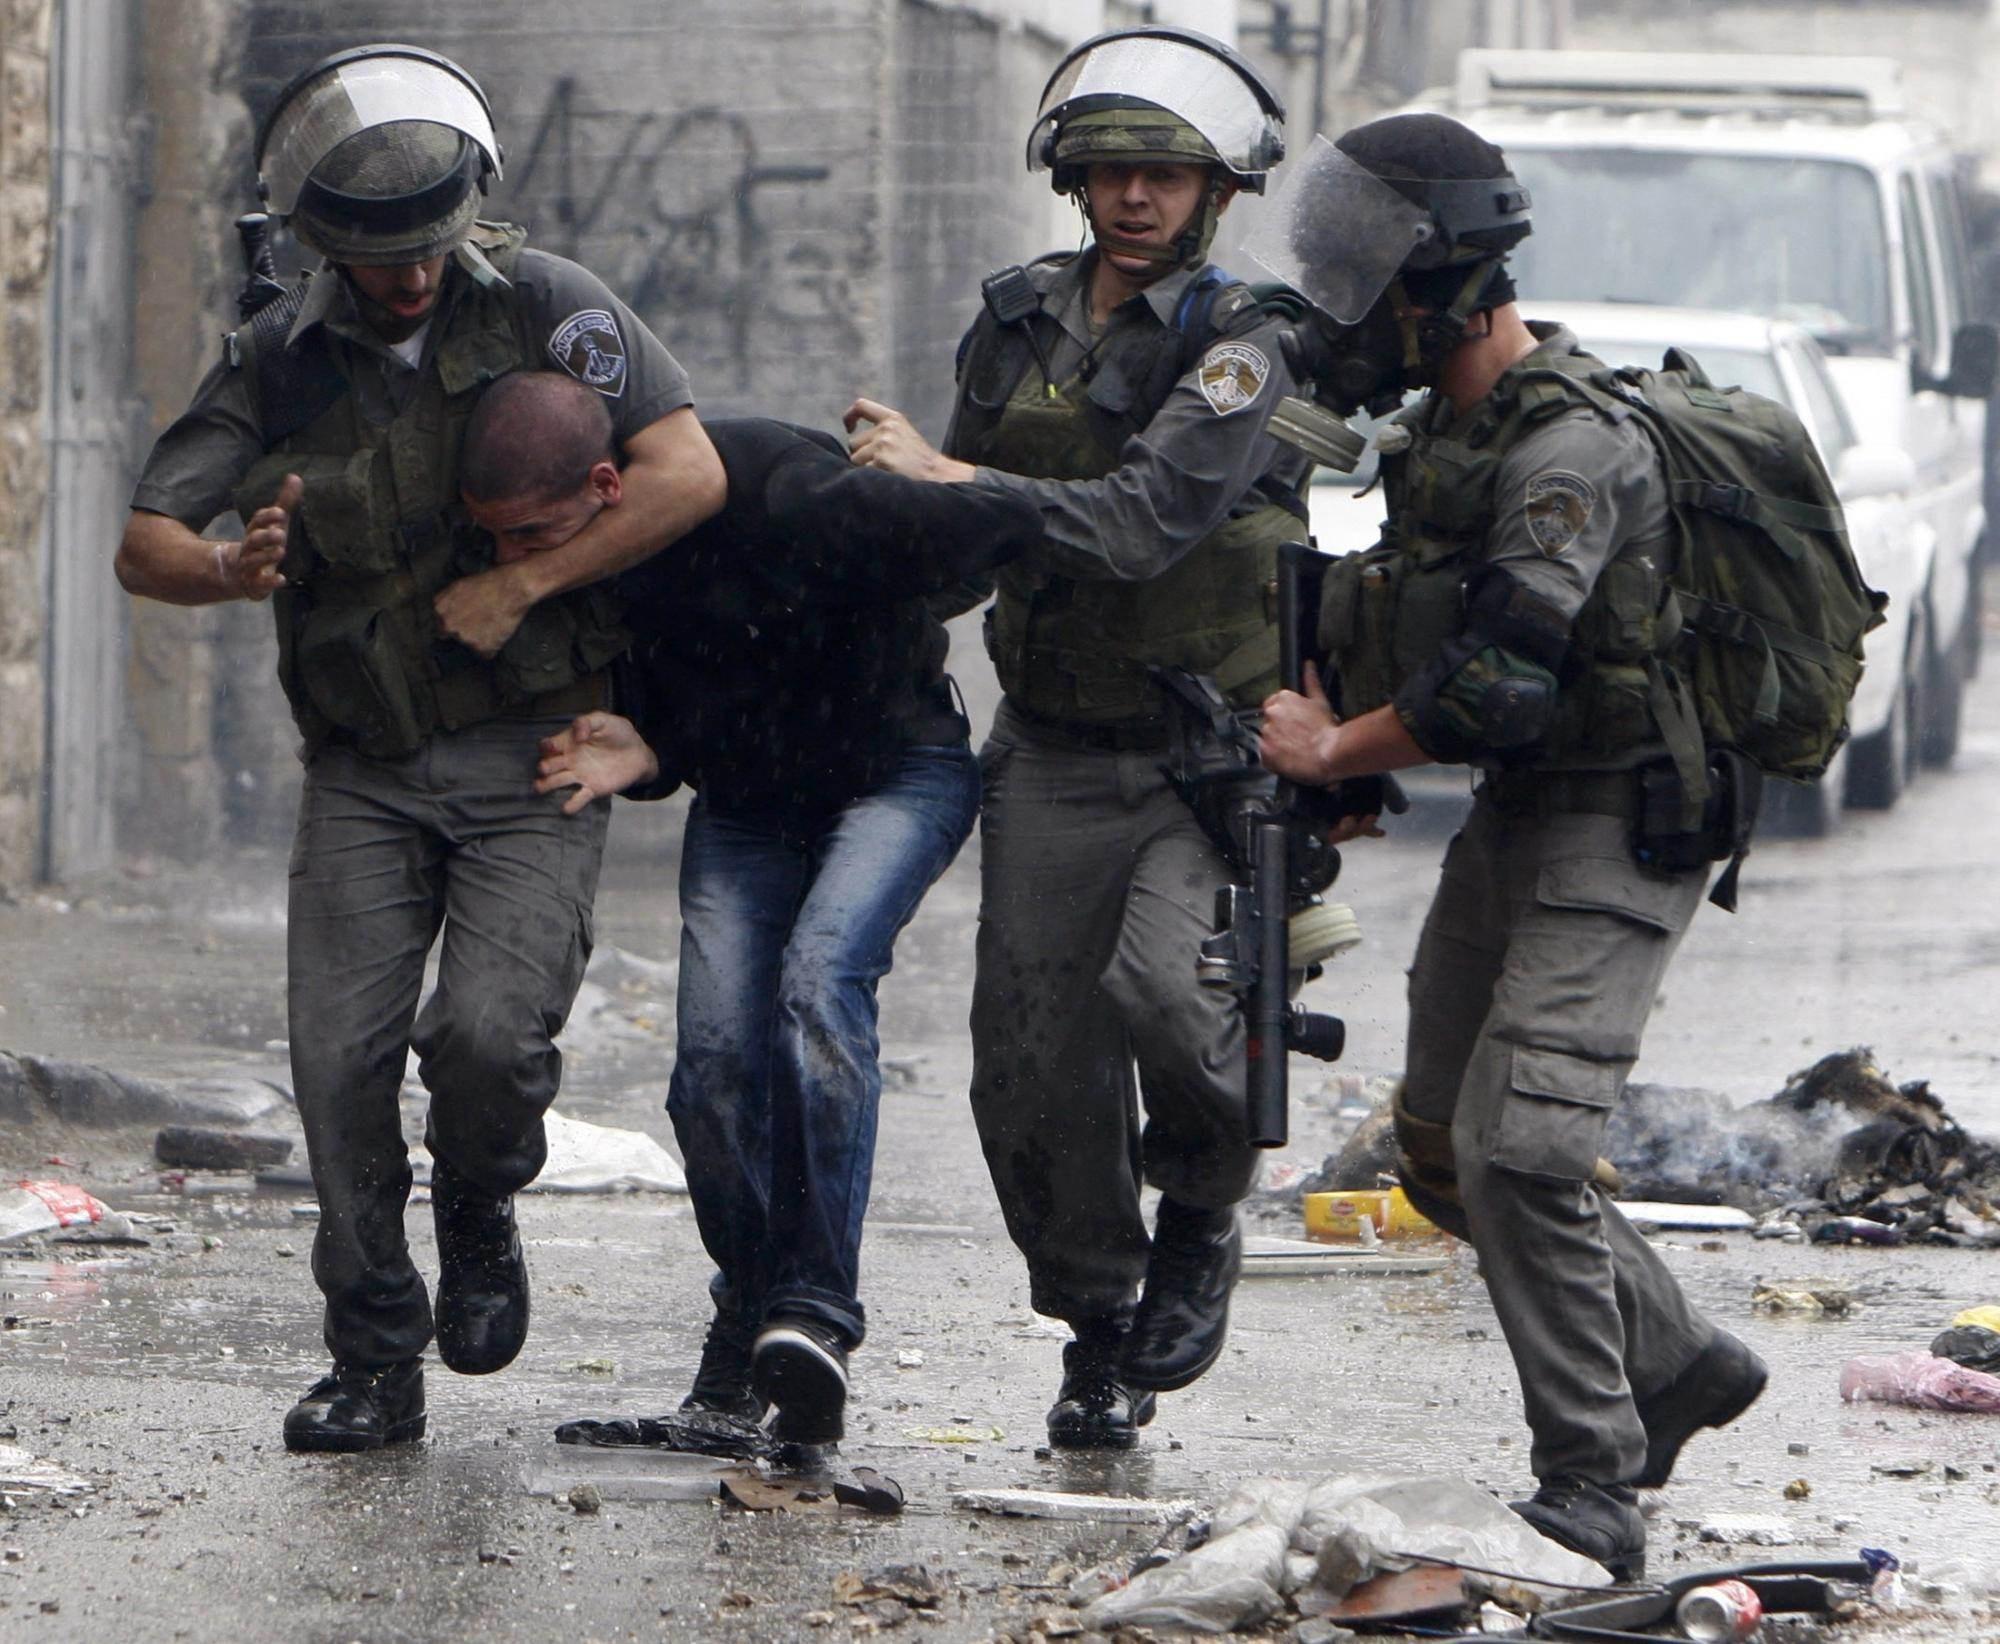 قوات الاحتلال تداهم وتعتقل عدداً من الفلسطينيين في الضفة الغربية